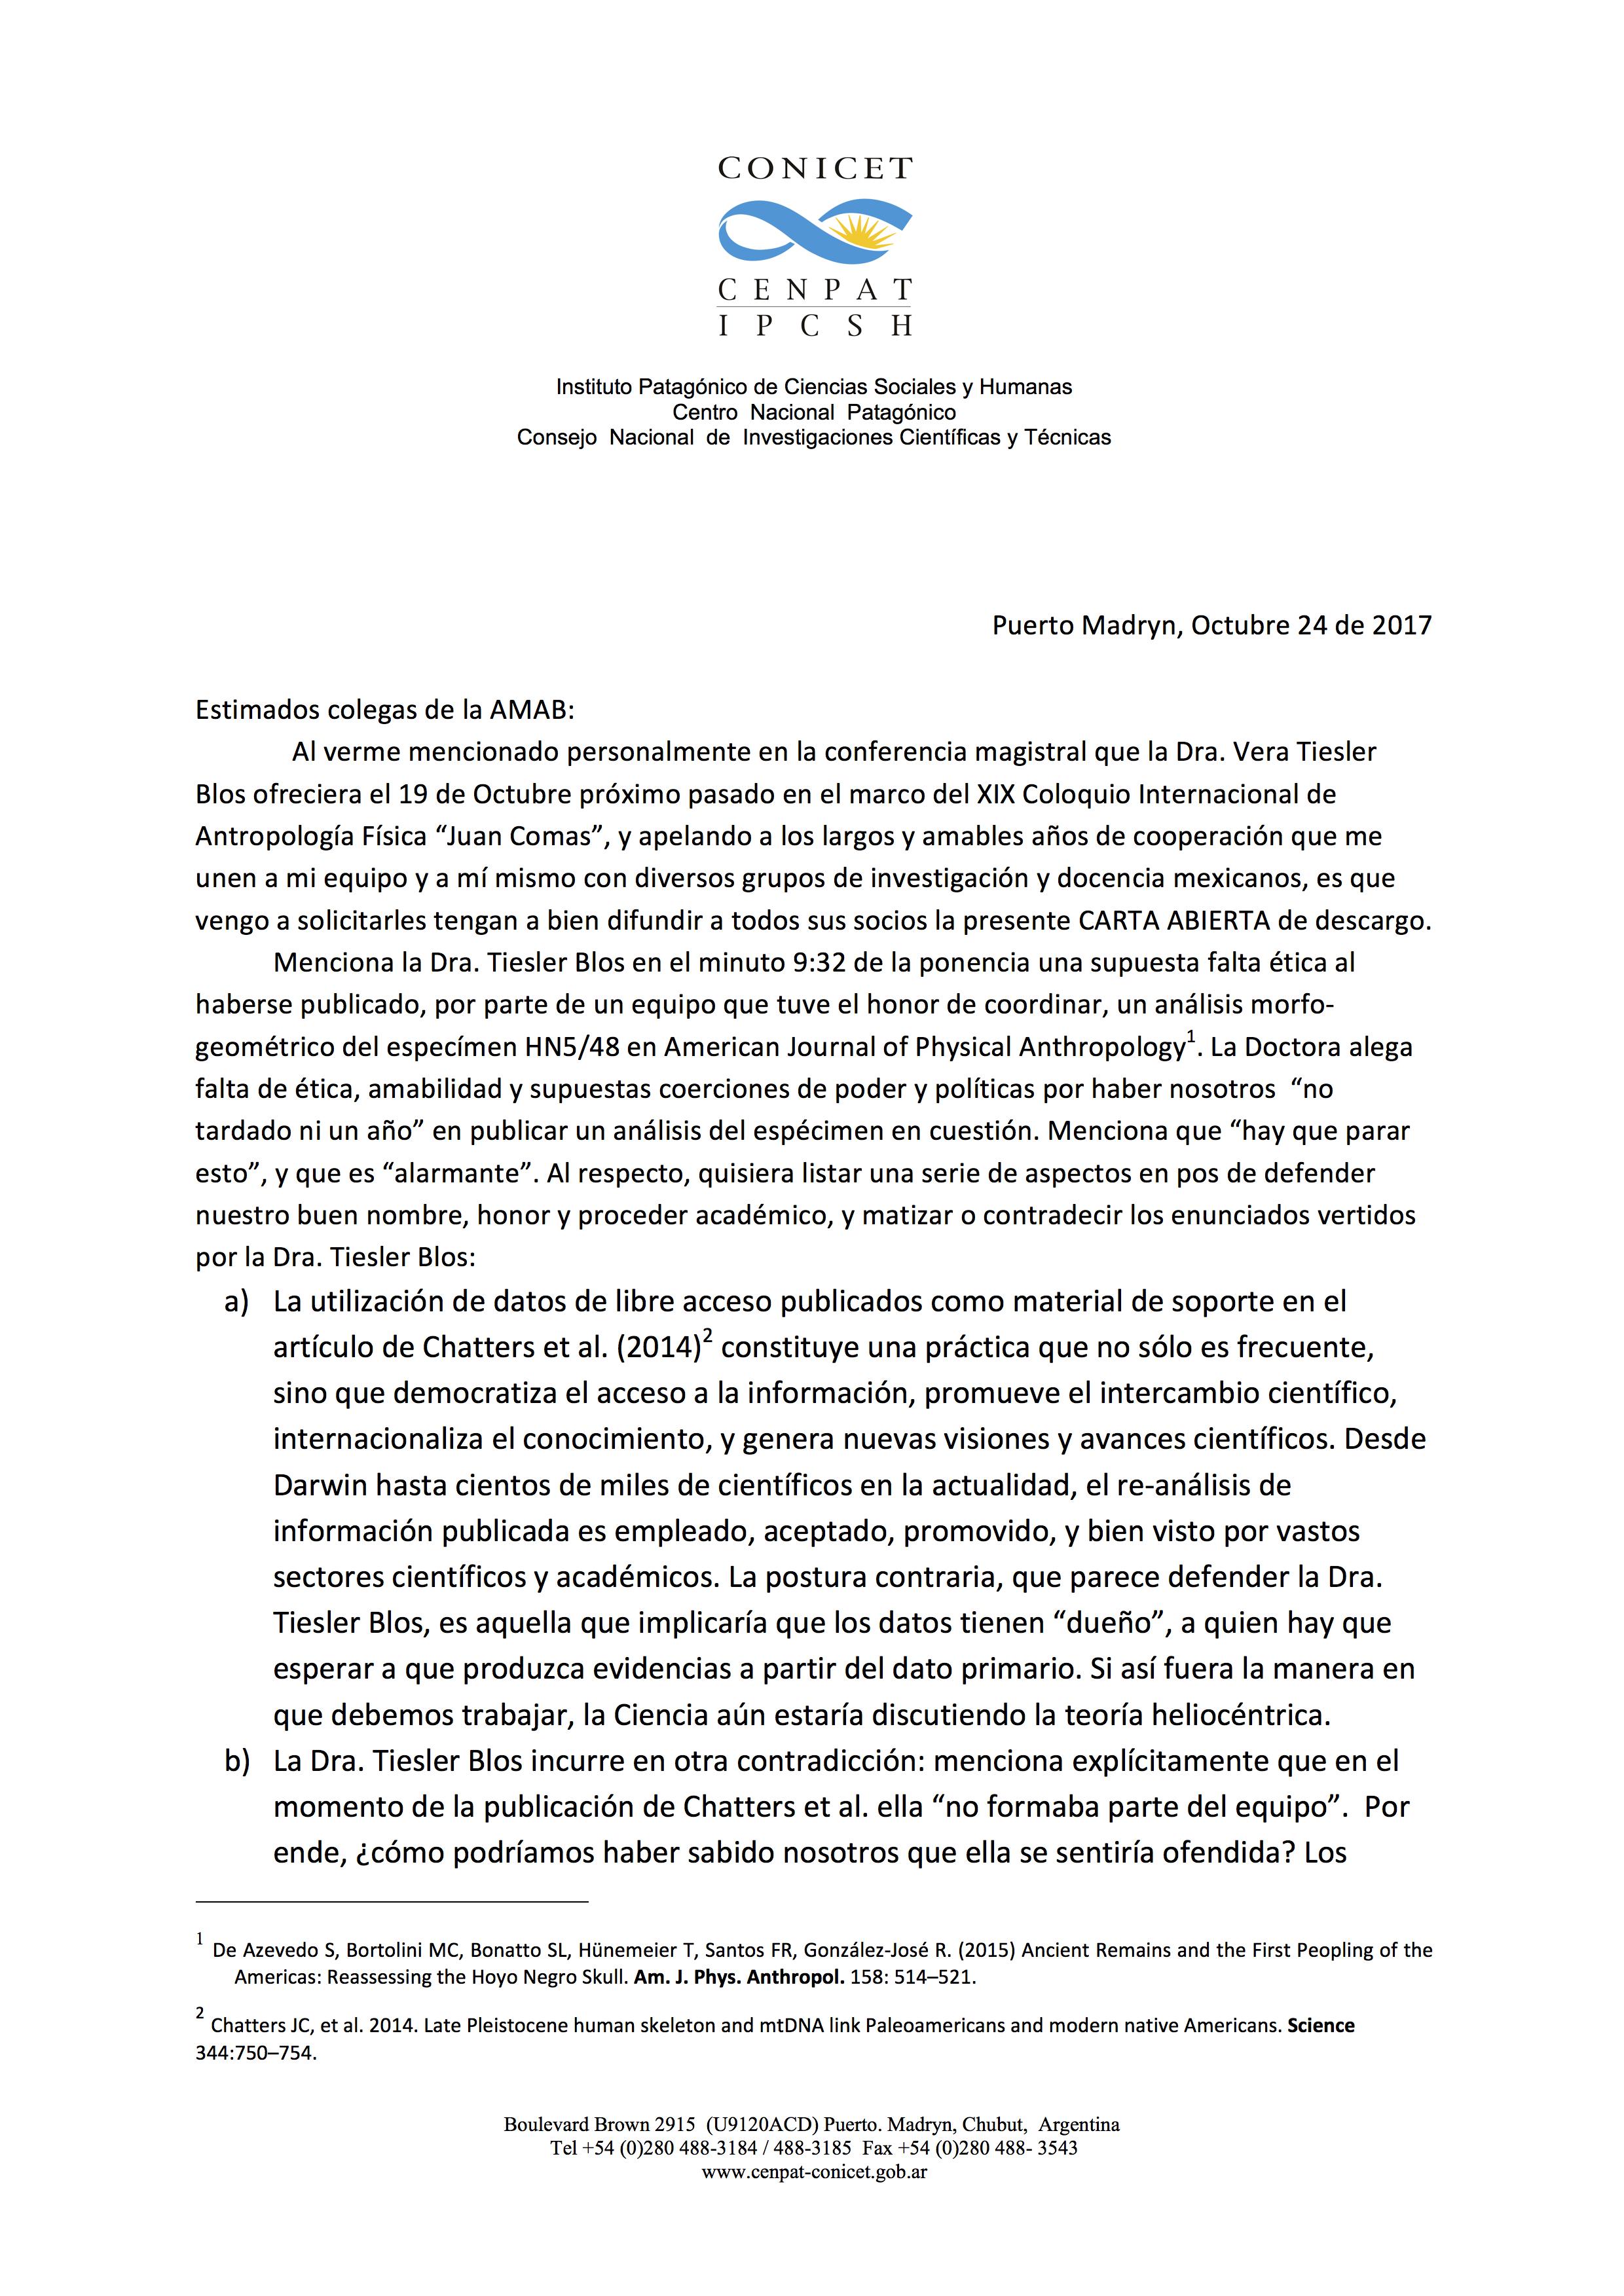 Carta Abierta a Socios AMAB